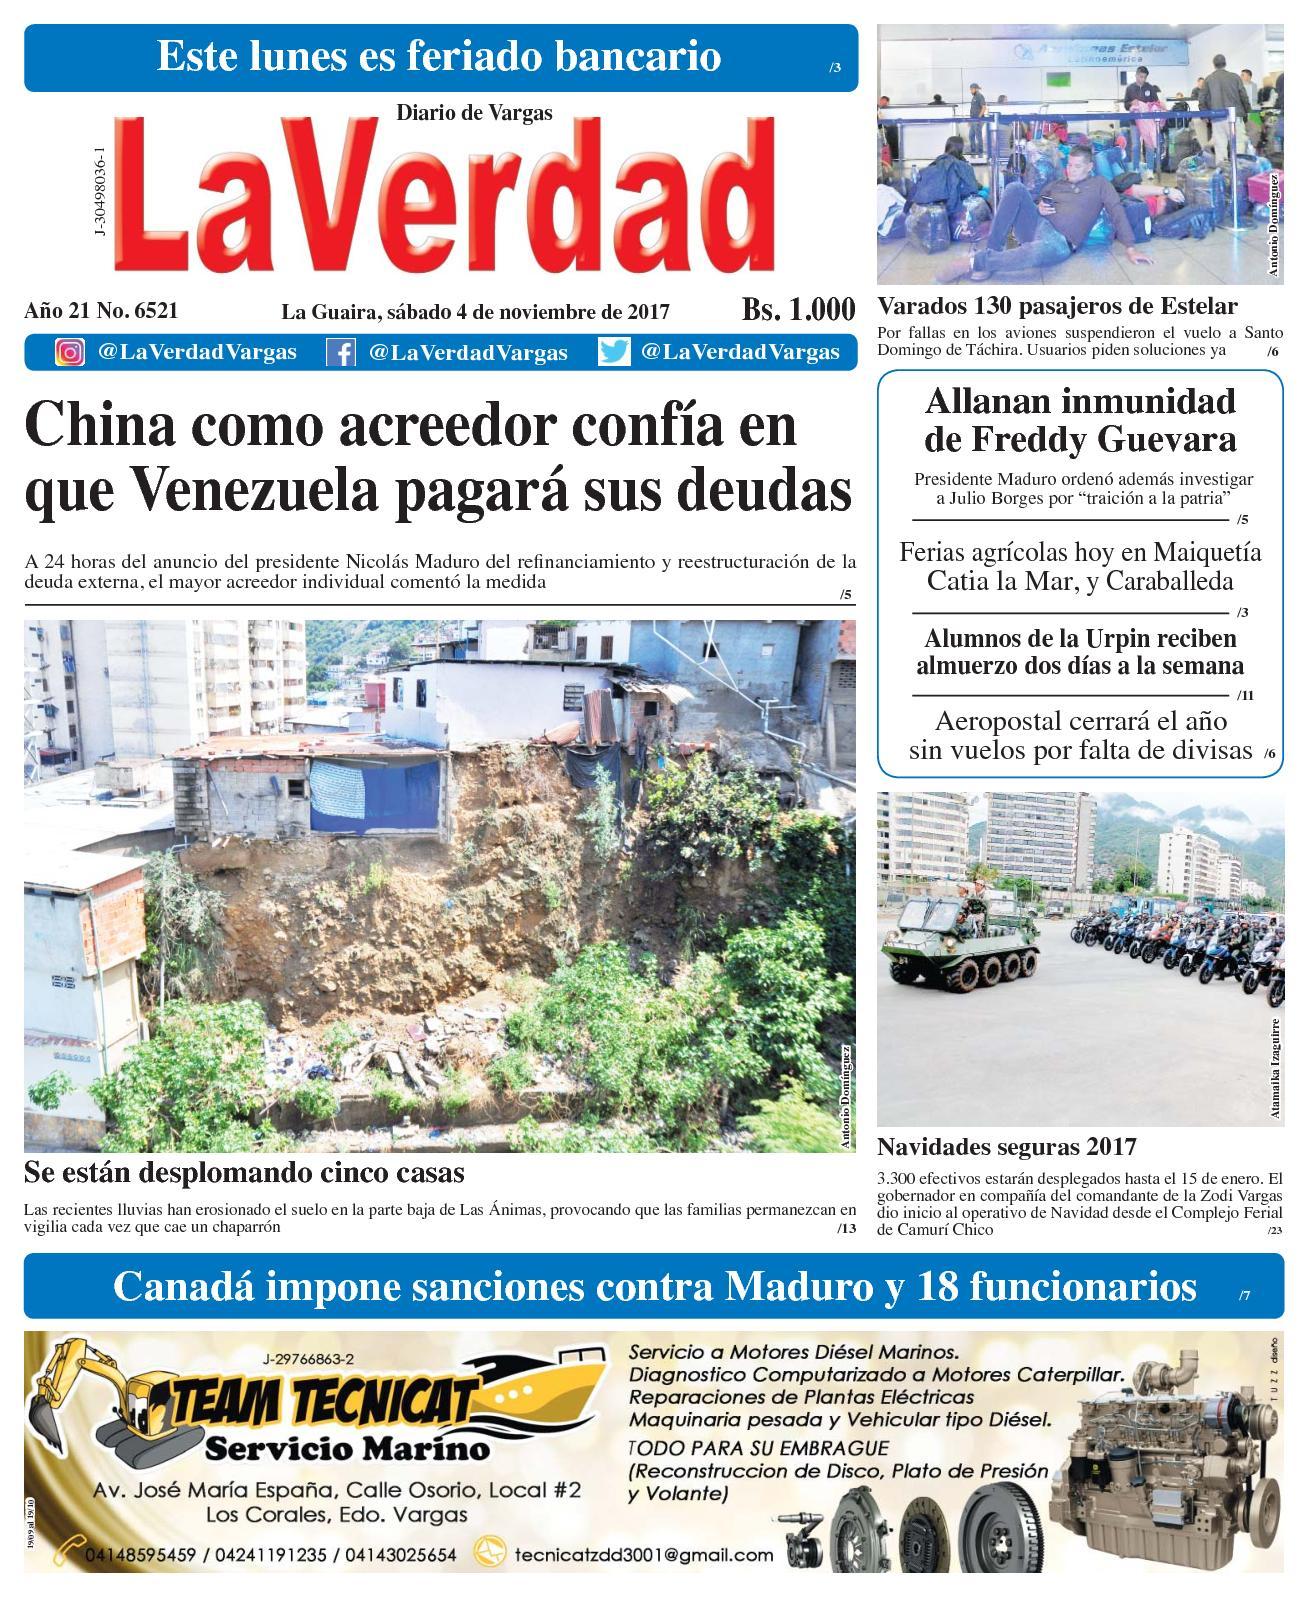 La Guaira, sábado 4 de Noviembre de 2017. Año 20 No. 6521